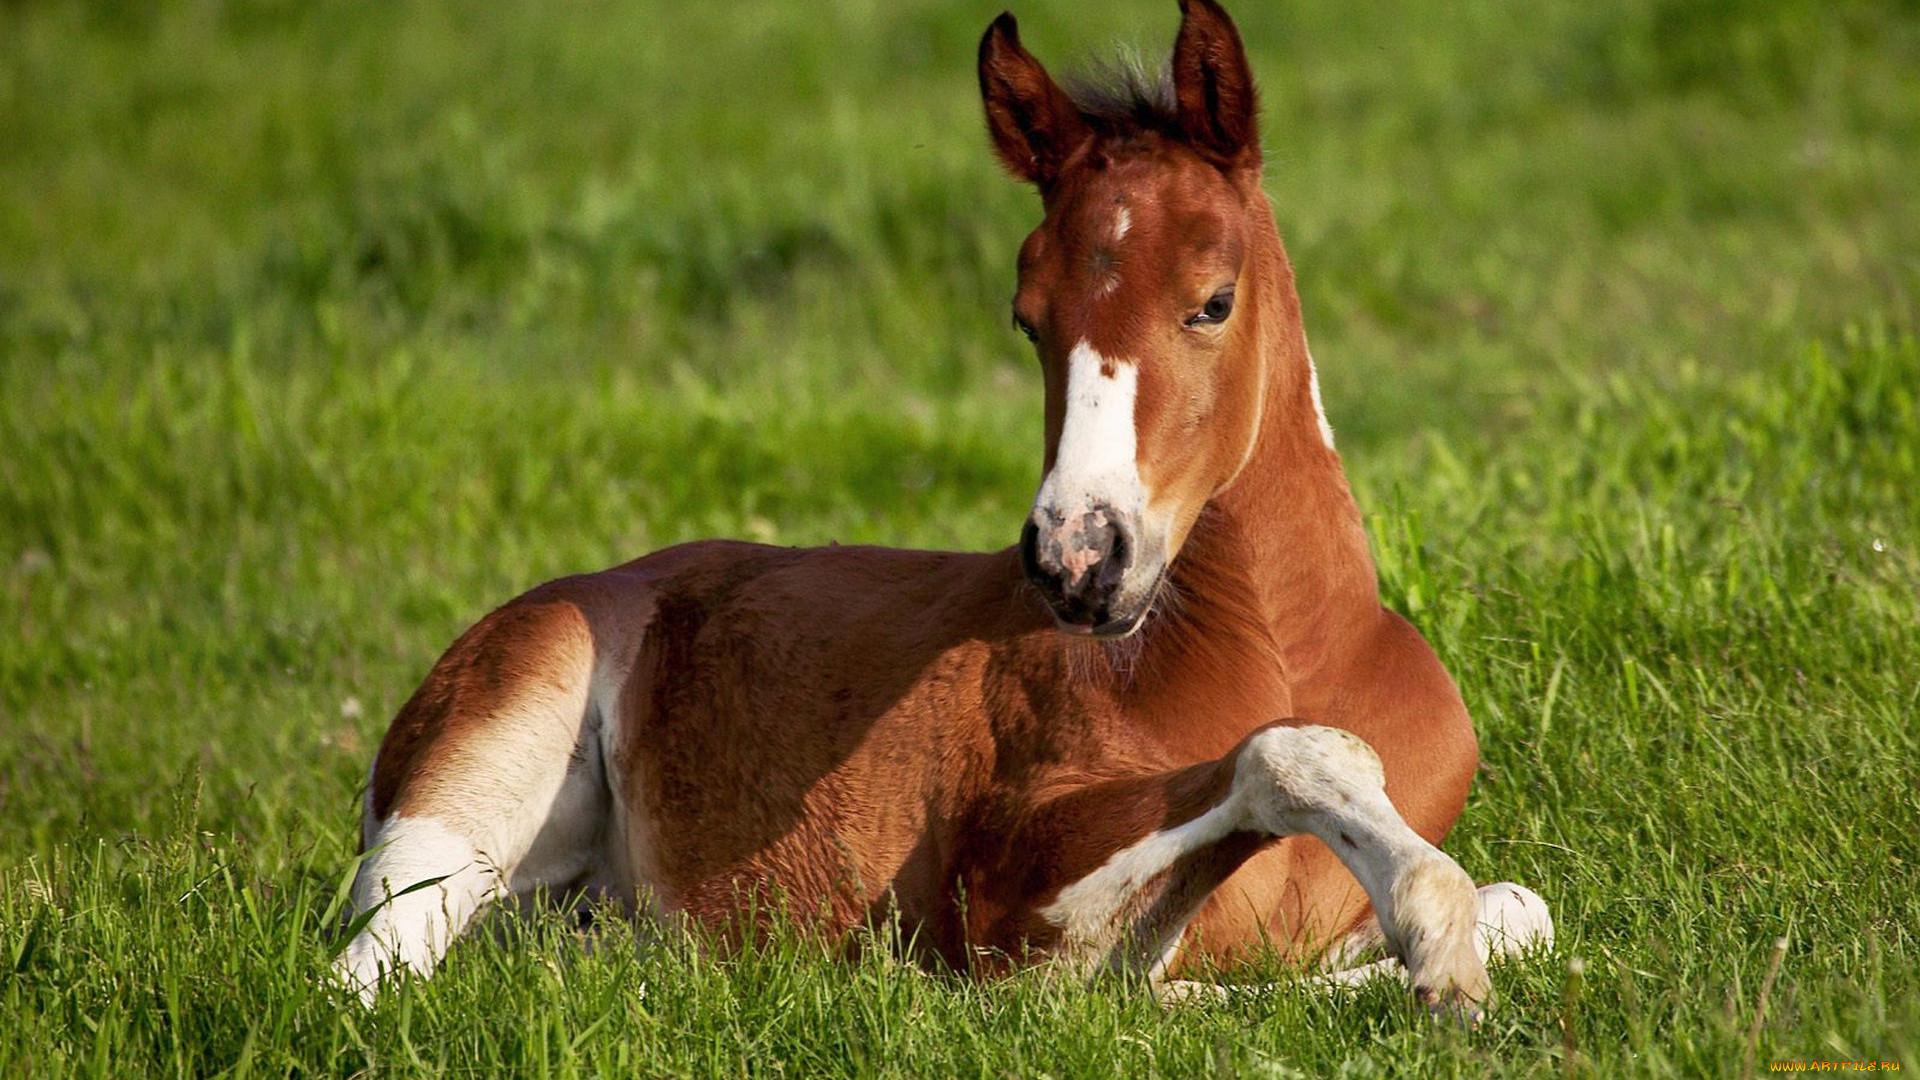 куры картинки животного лошадку агентства харькове выполняют